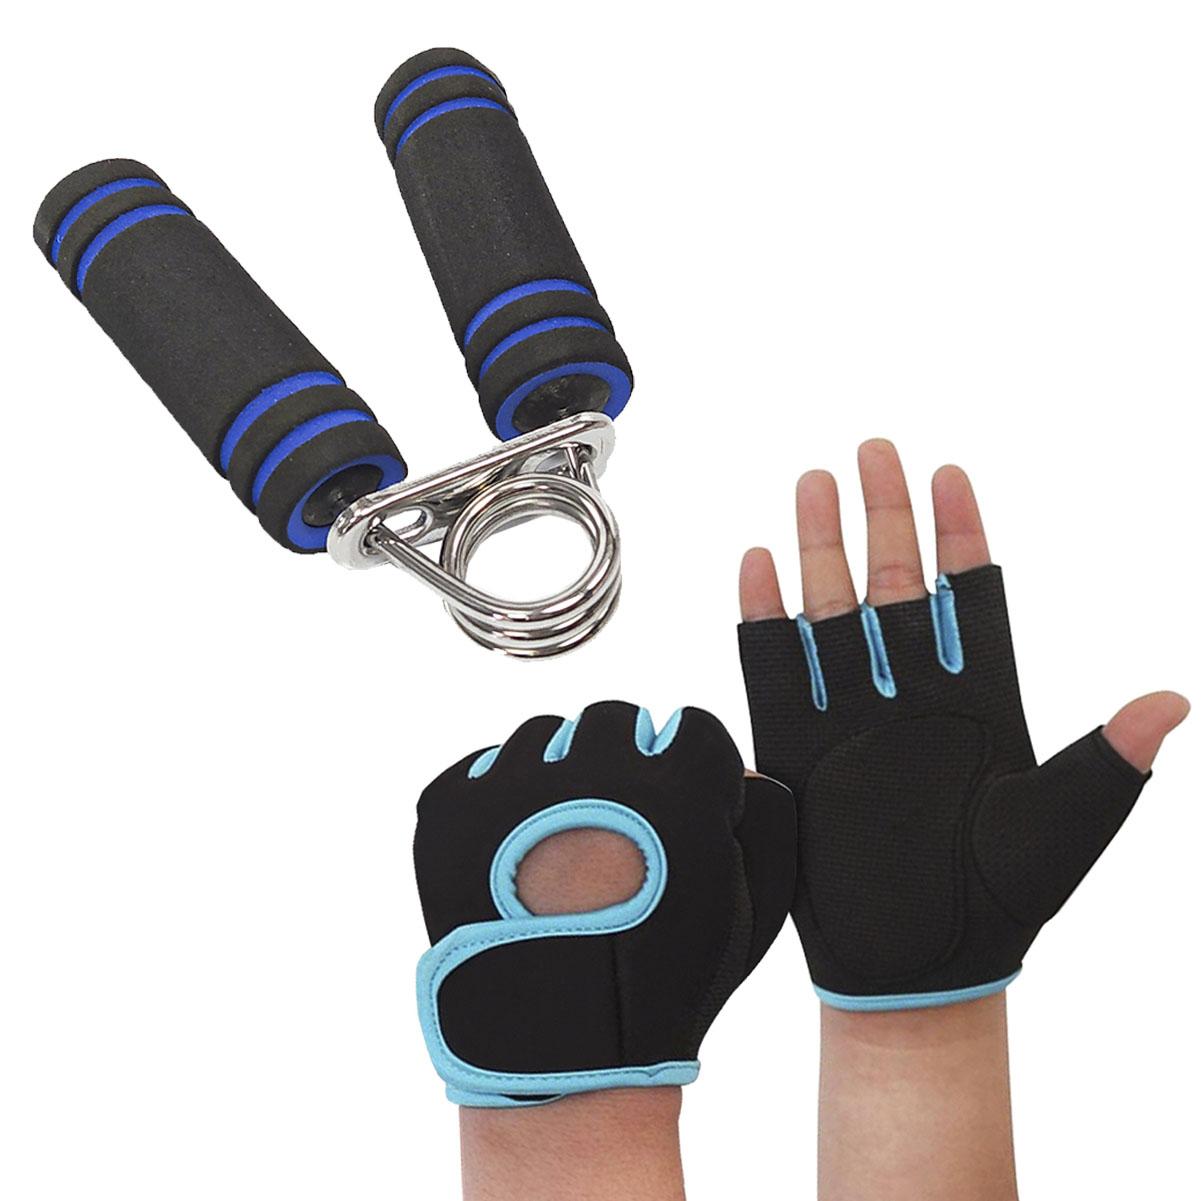 Kit Luva de Treino Azul com Hand Grip Musculação MBfit